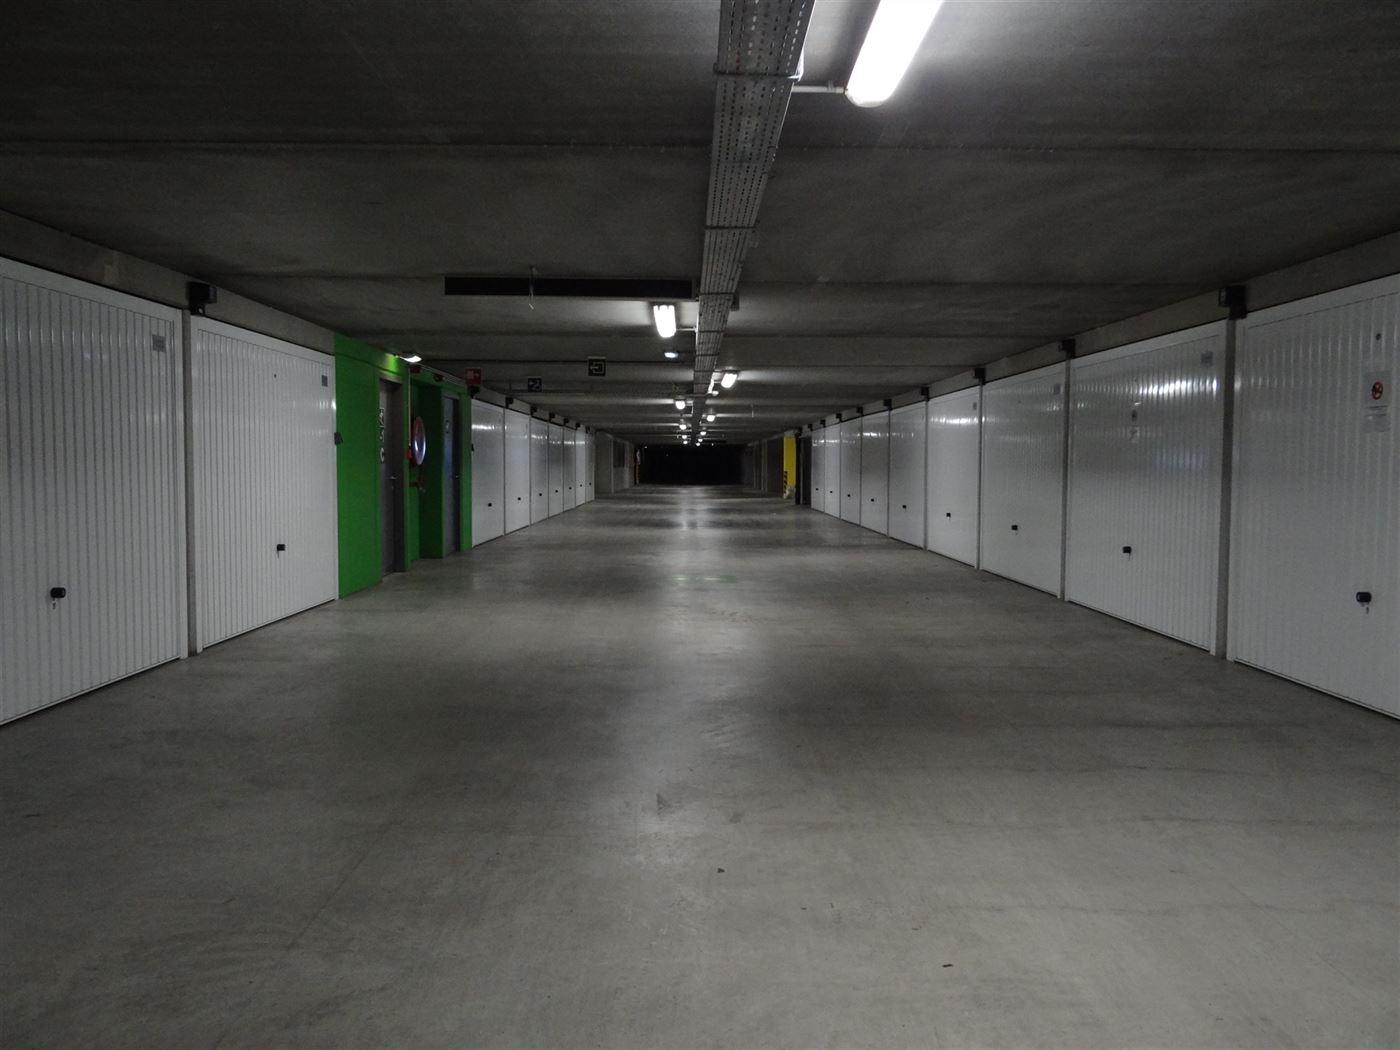 Garagecomplex Franslaan G1083 - Afgesloten garagebox in volle eigendom - Gelegen op niveau -1 van het garagecomplex - Afmetingen 2,88 x 5,65 m ...